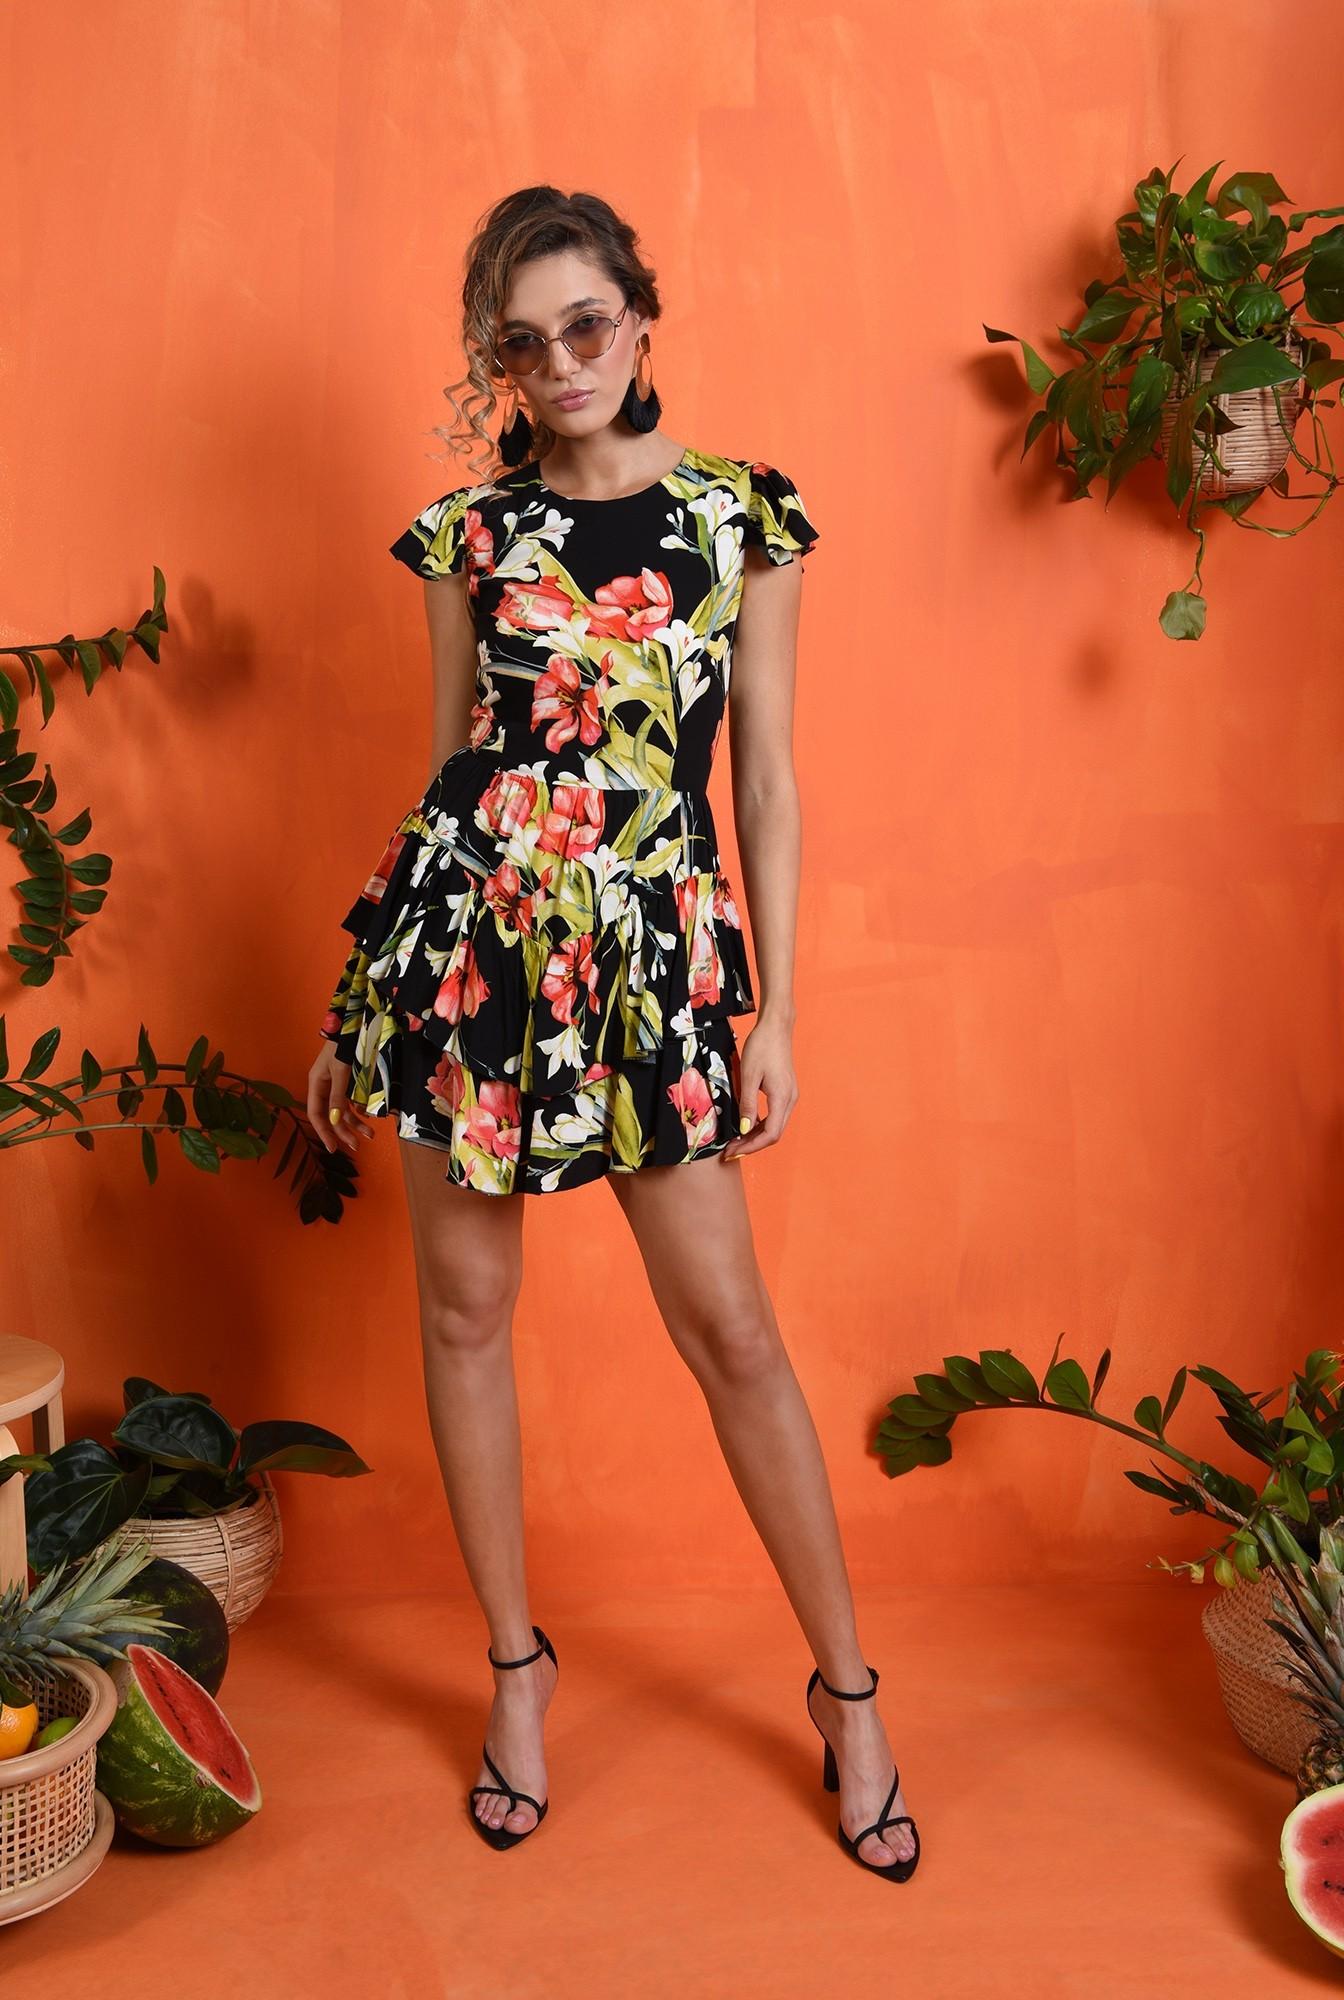 0 - rochie cu imprimeu floral, cu maneca scurta